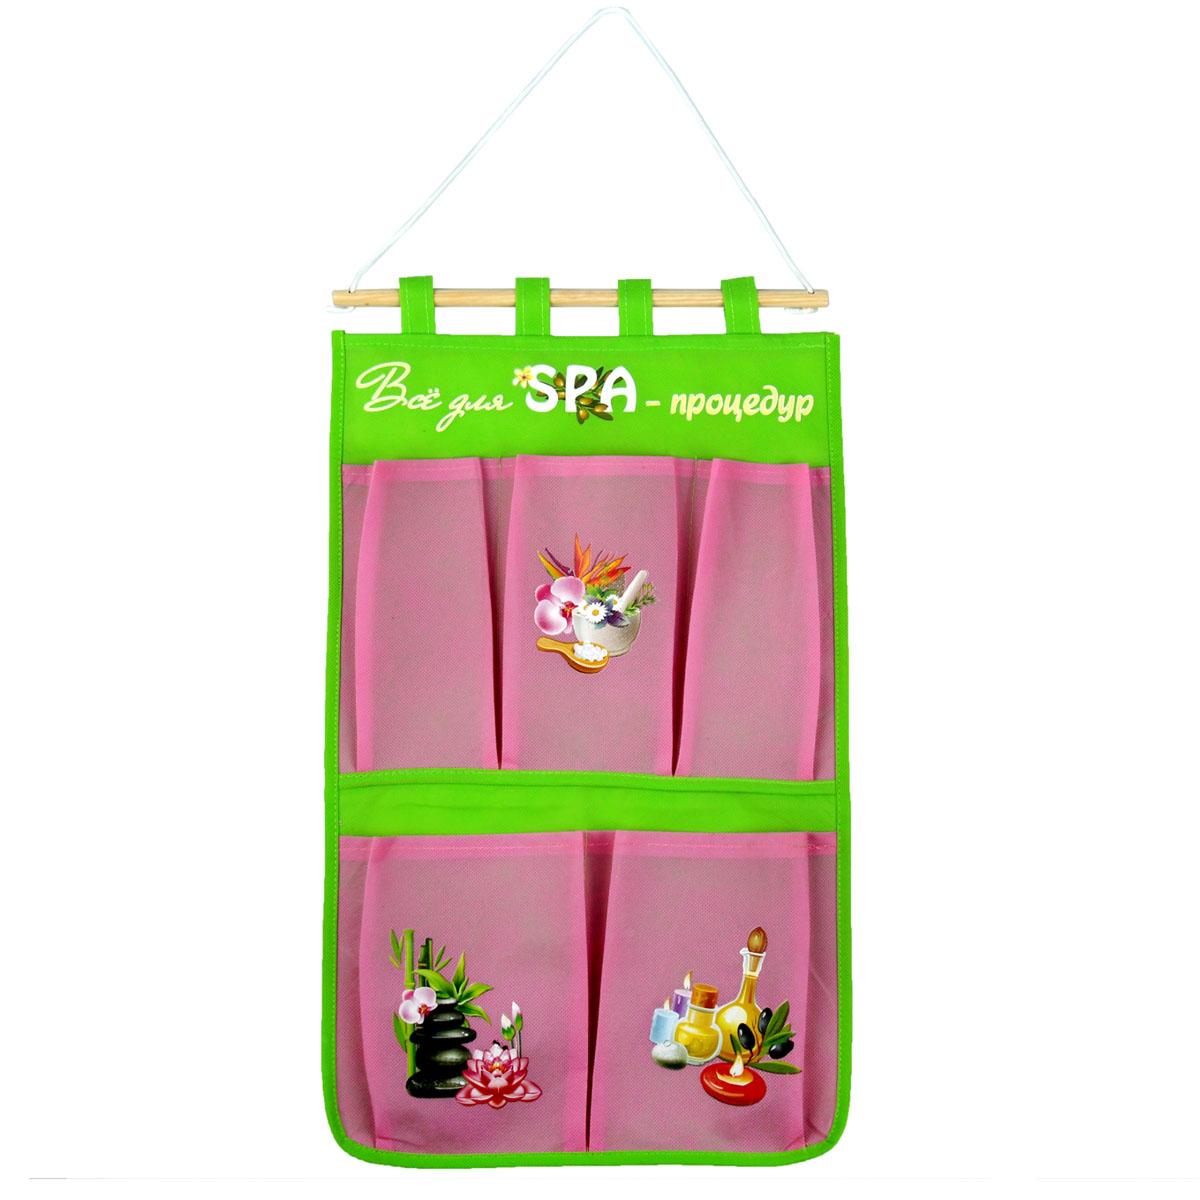 Кармашки на стену Sima-land Все для спа процедур, цвет: розовый, 5 шт906887Кармашки на стену Sima-land Все для спа процедур, изготовленные из текстиля и пластика, предназначены для хранения необходимых вещей, множества мелочей в гардеробной, ванной, детской комнатах. Изделие представляет собой текстильное полотно с 5 пришитыми кармашками. Благодаря деревянной планке и шнурку, кармашки можно подвесить на стену или дверь в необходимом для вас месте. Кармашки декорированы изображениями различных аксессуаров для спа процедур. Этот нужный предмет может стать одновременно и декоративным элементом комнаты. Яркий дизайн, как ничто иное, способен оживить интерьер вашего дома.